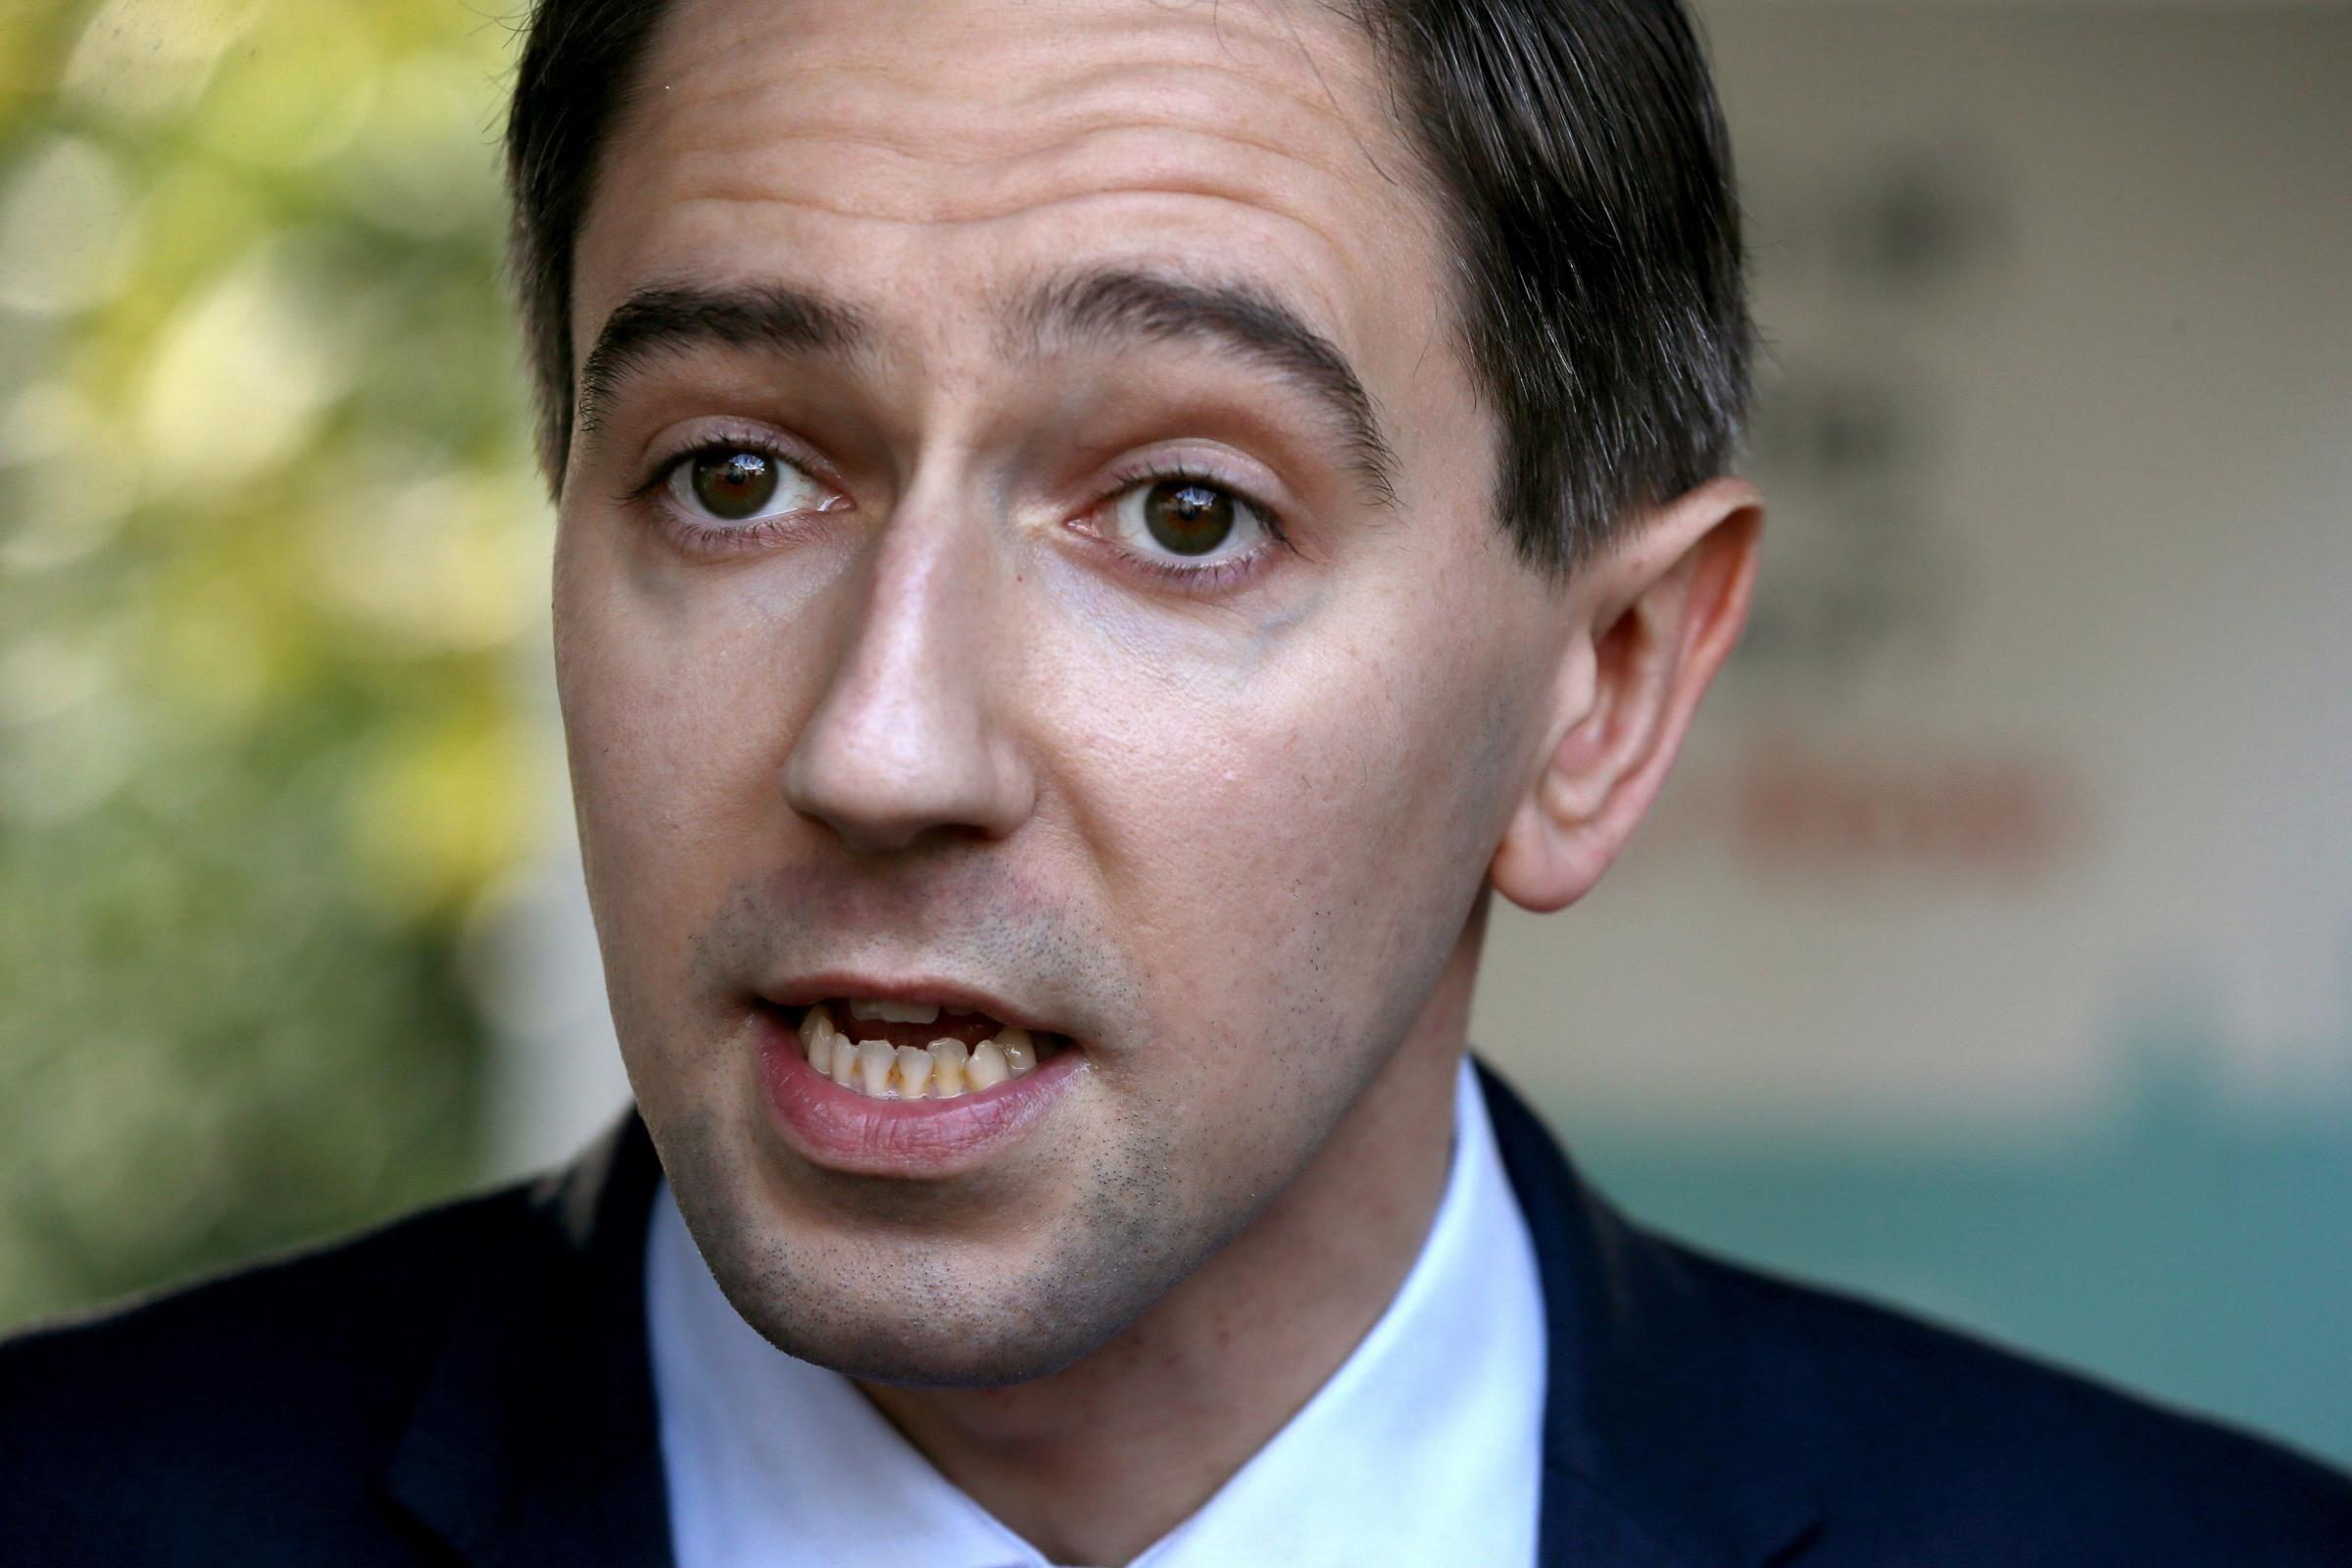 一些全科医生对爱尔兰卫生部长失去了对堕胎的信心